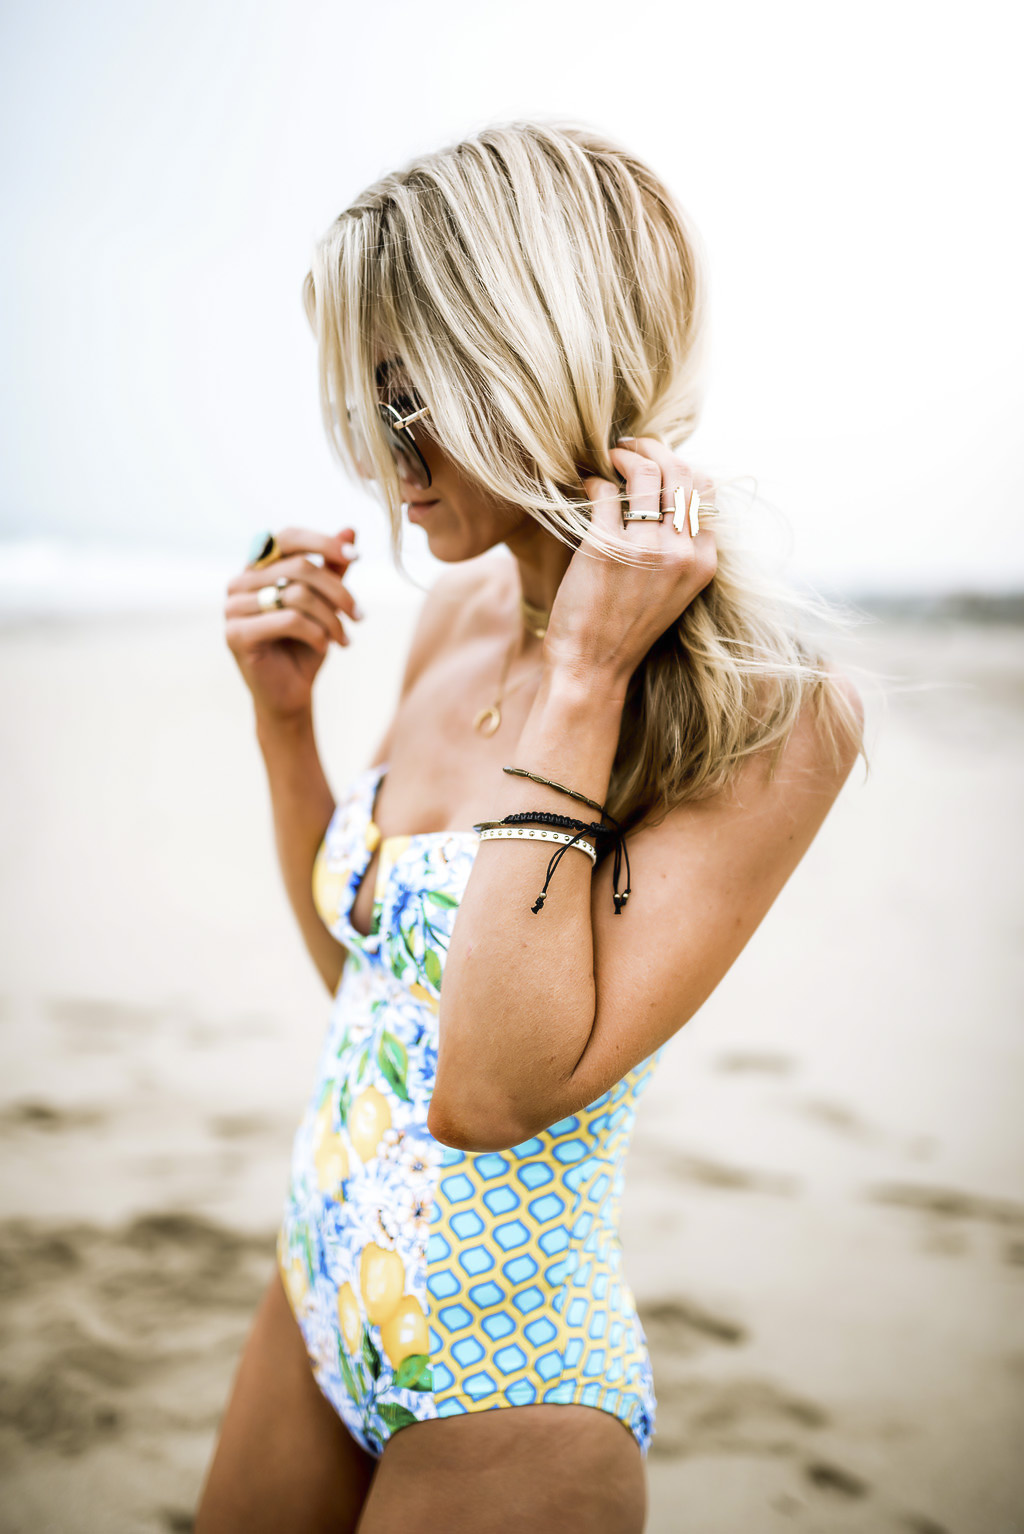 Lemon bathing suit